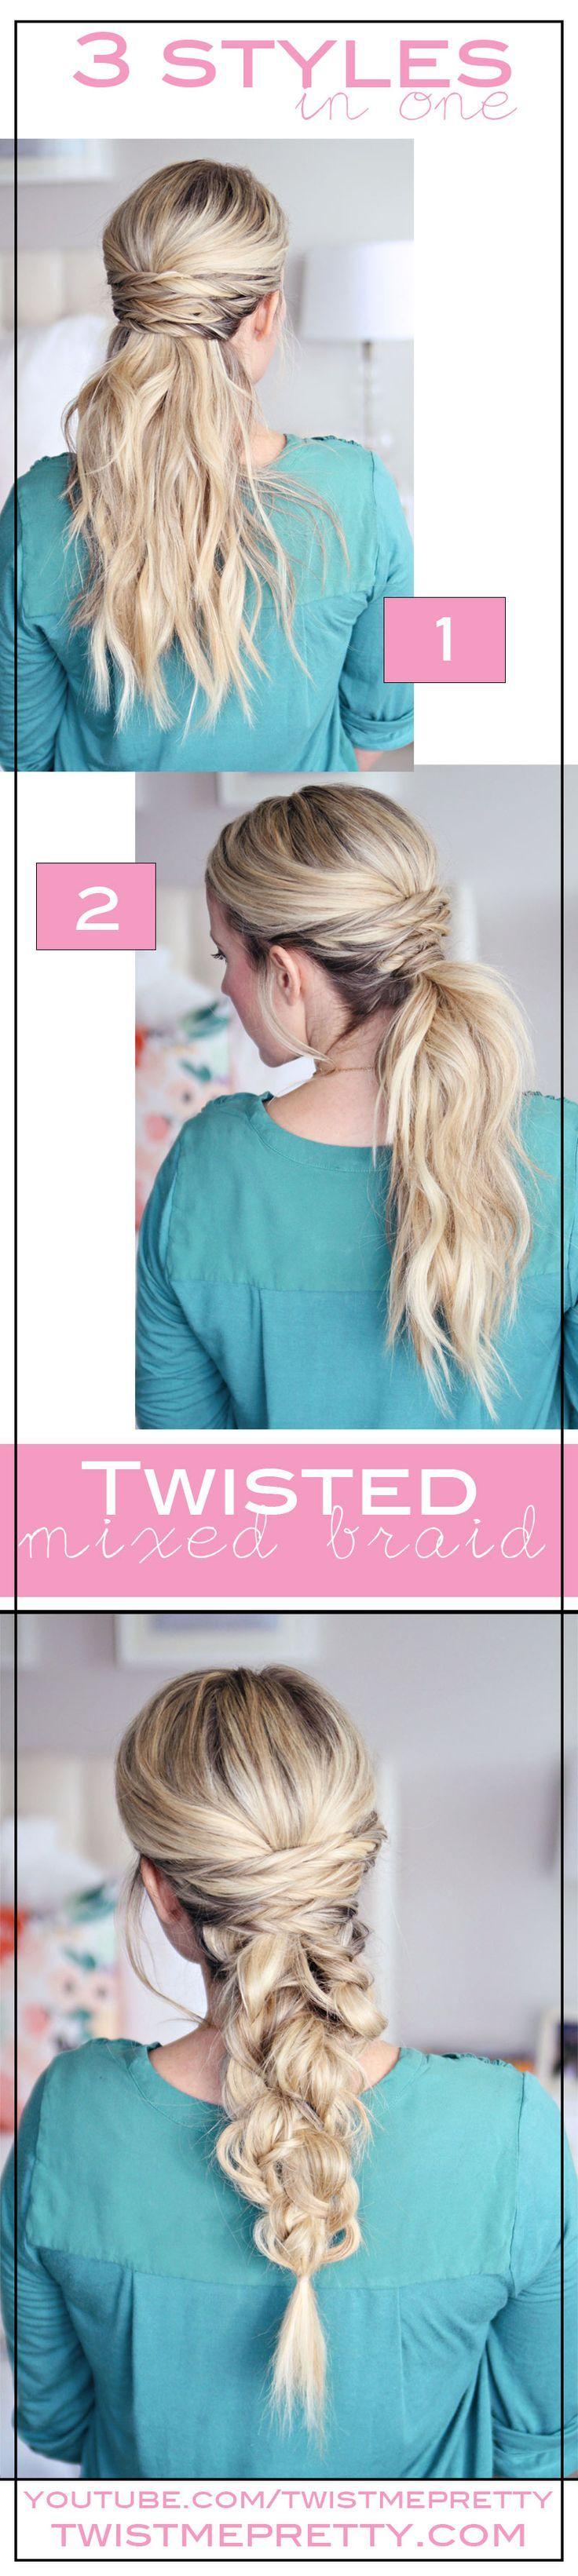 25 ý tưởng kiểu tóc y tá độc đáo trên Pinterest